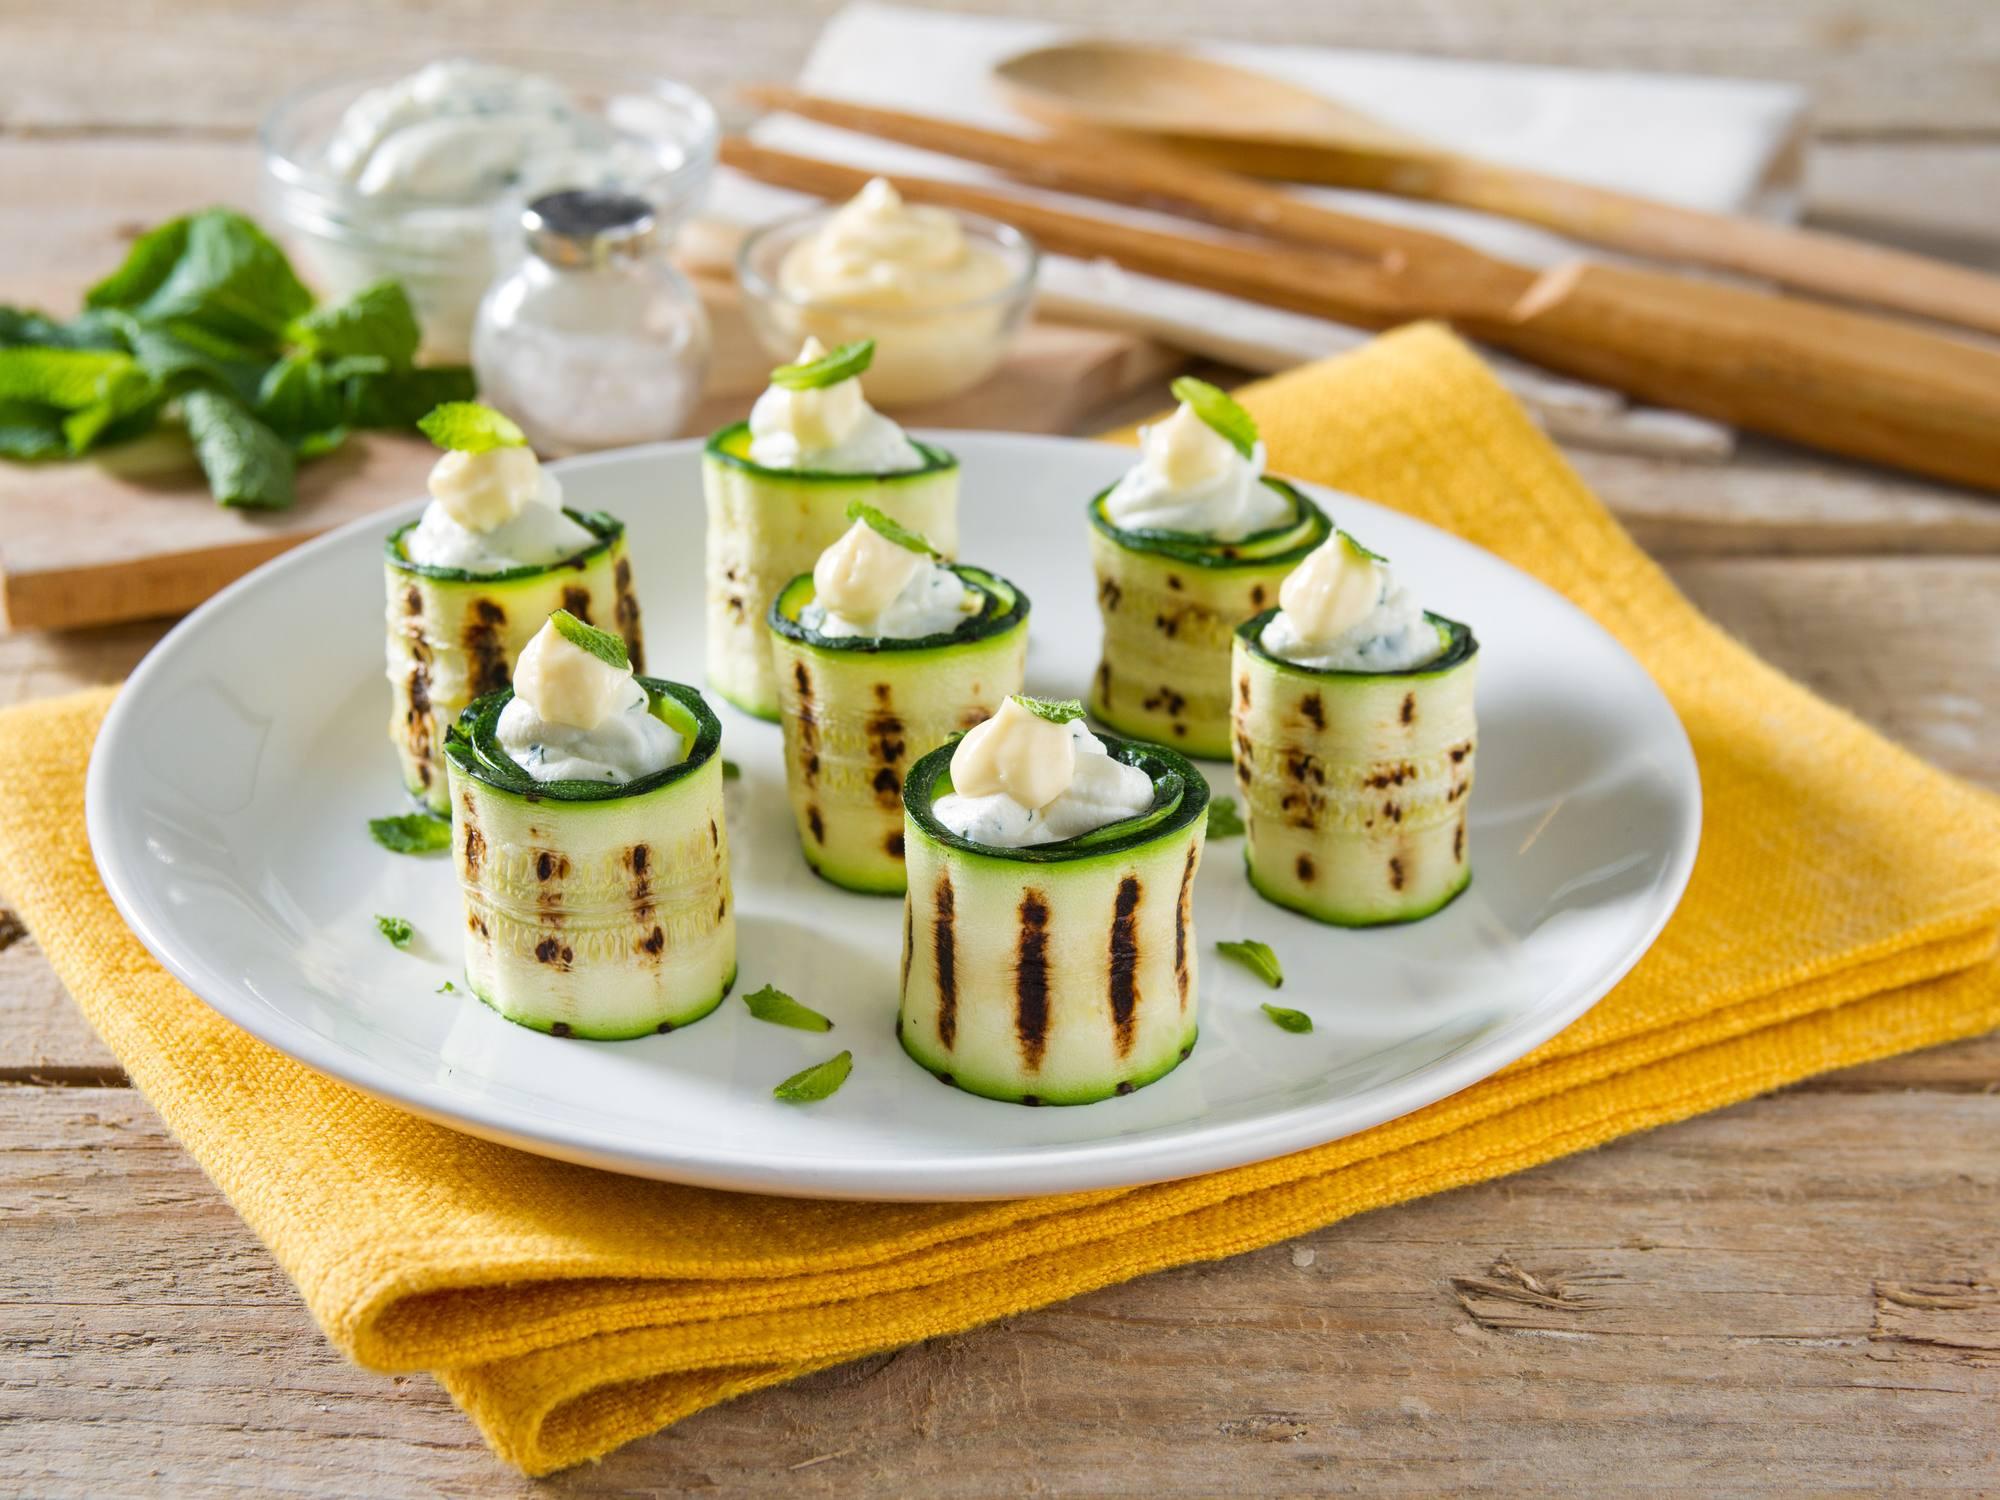 Involtini di zucchine grigliate, caprino e menta